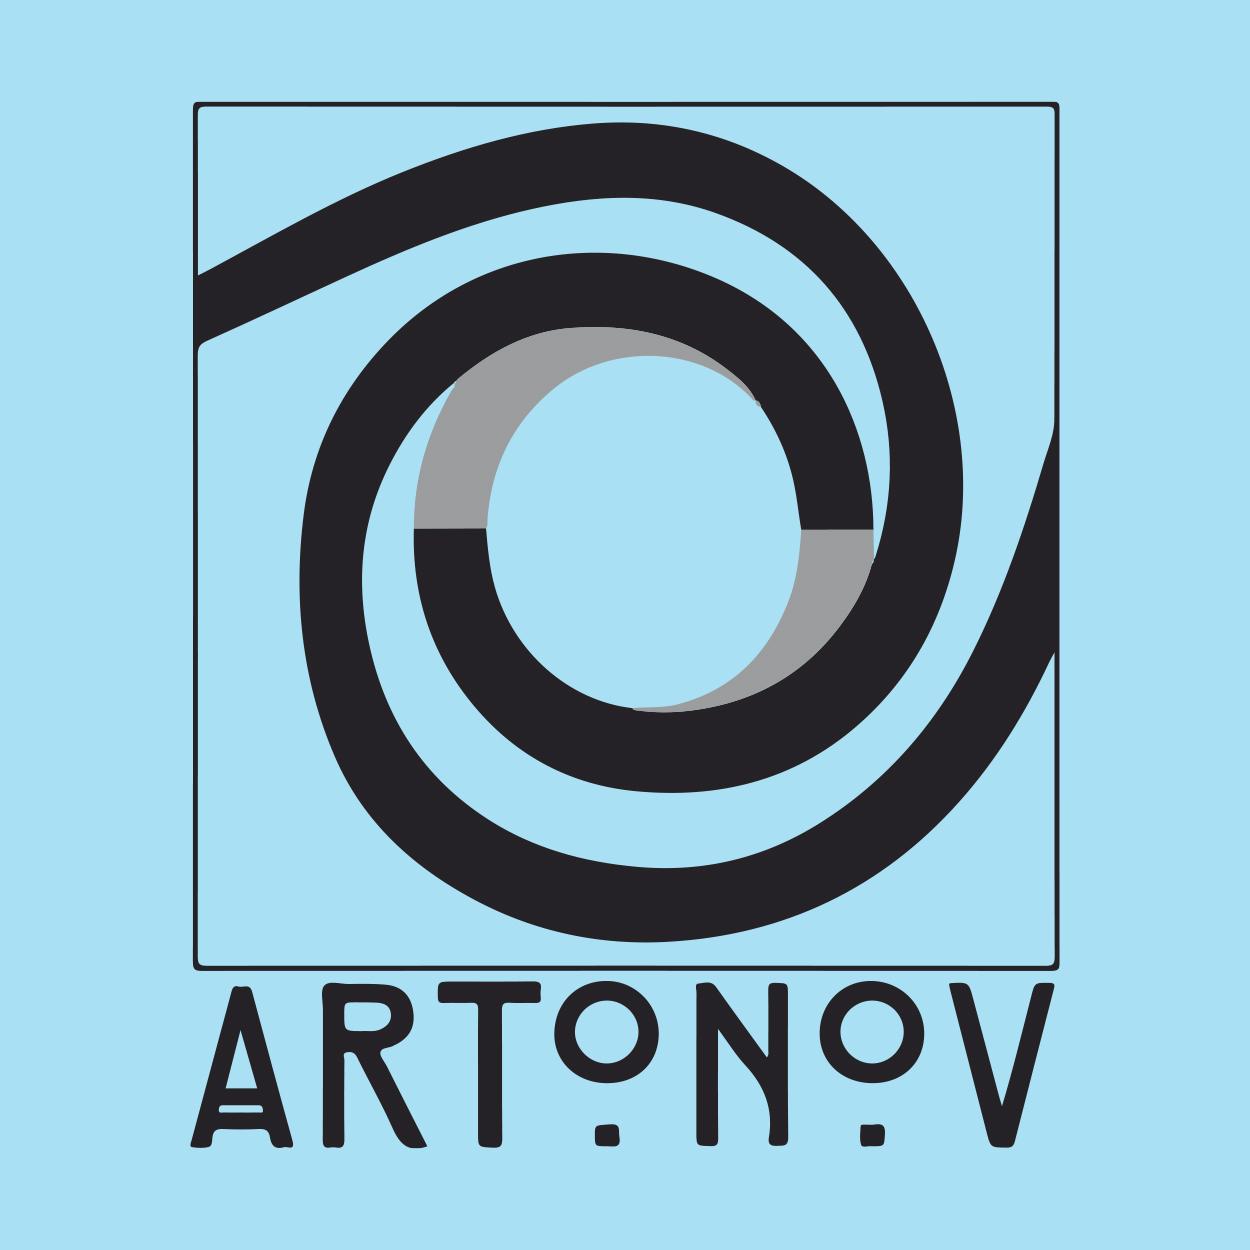 logo artonov